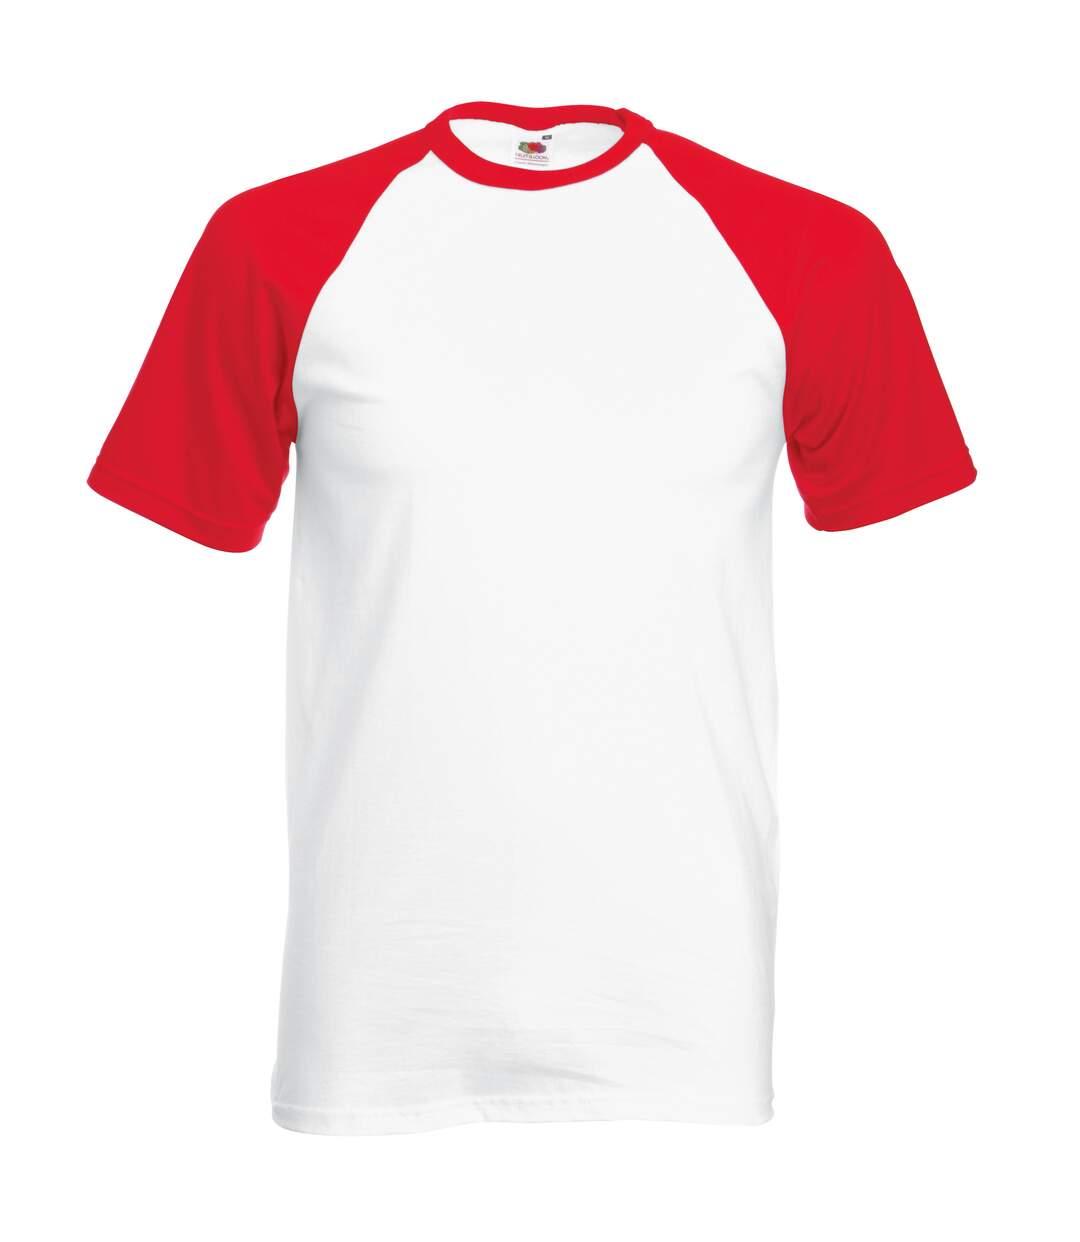 Fruit Of The Loom Mens Short Sleeve Baseball T-Shirt (White/Red) - UTBC327